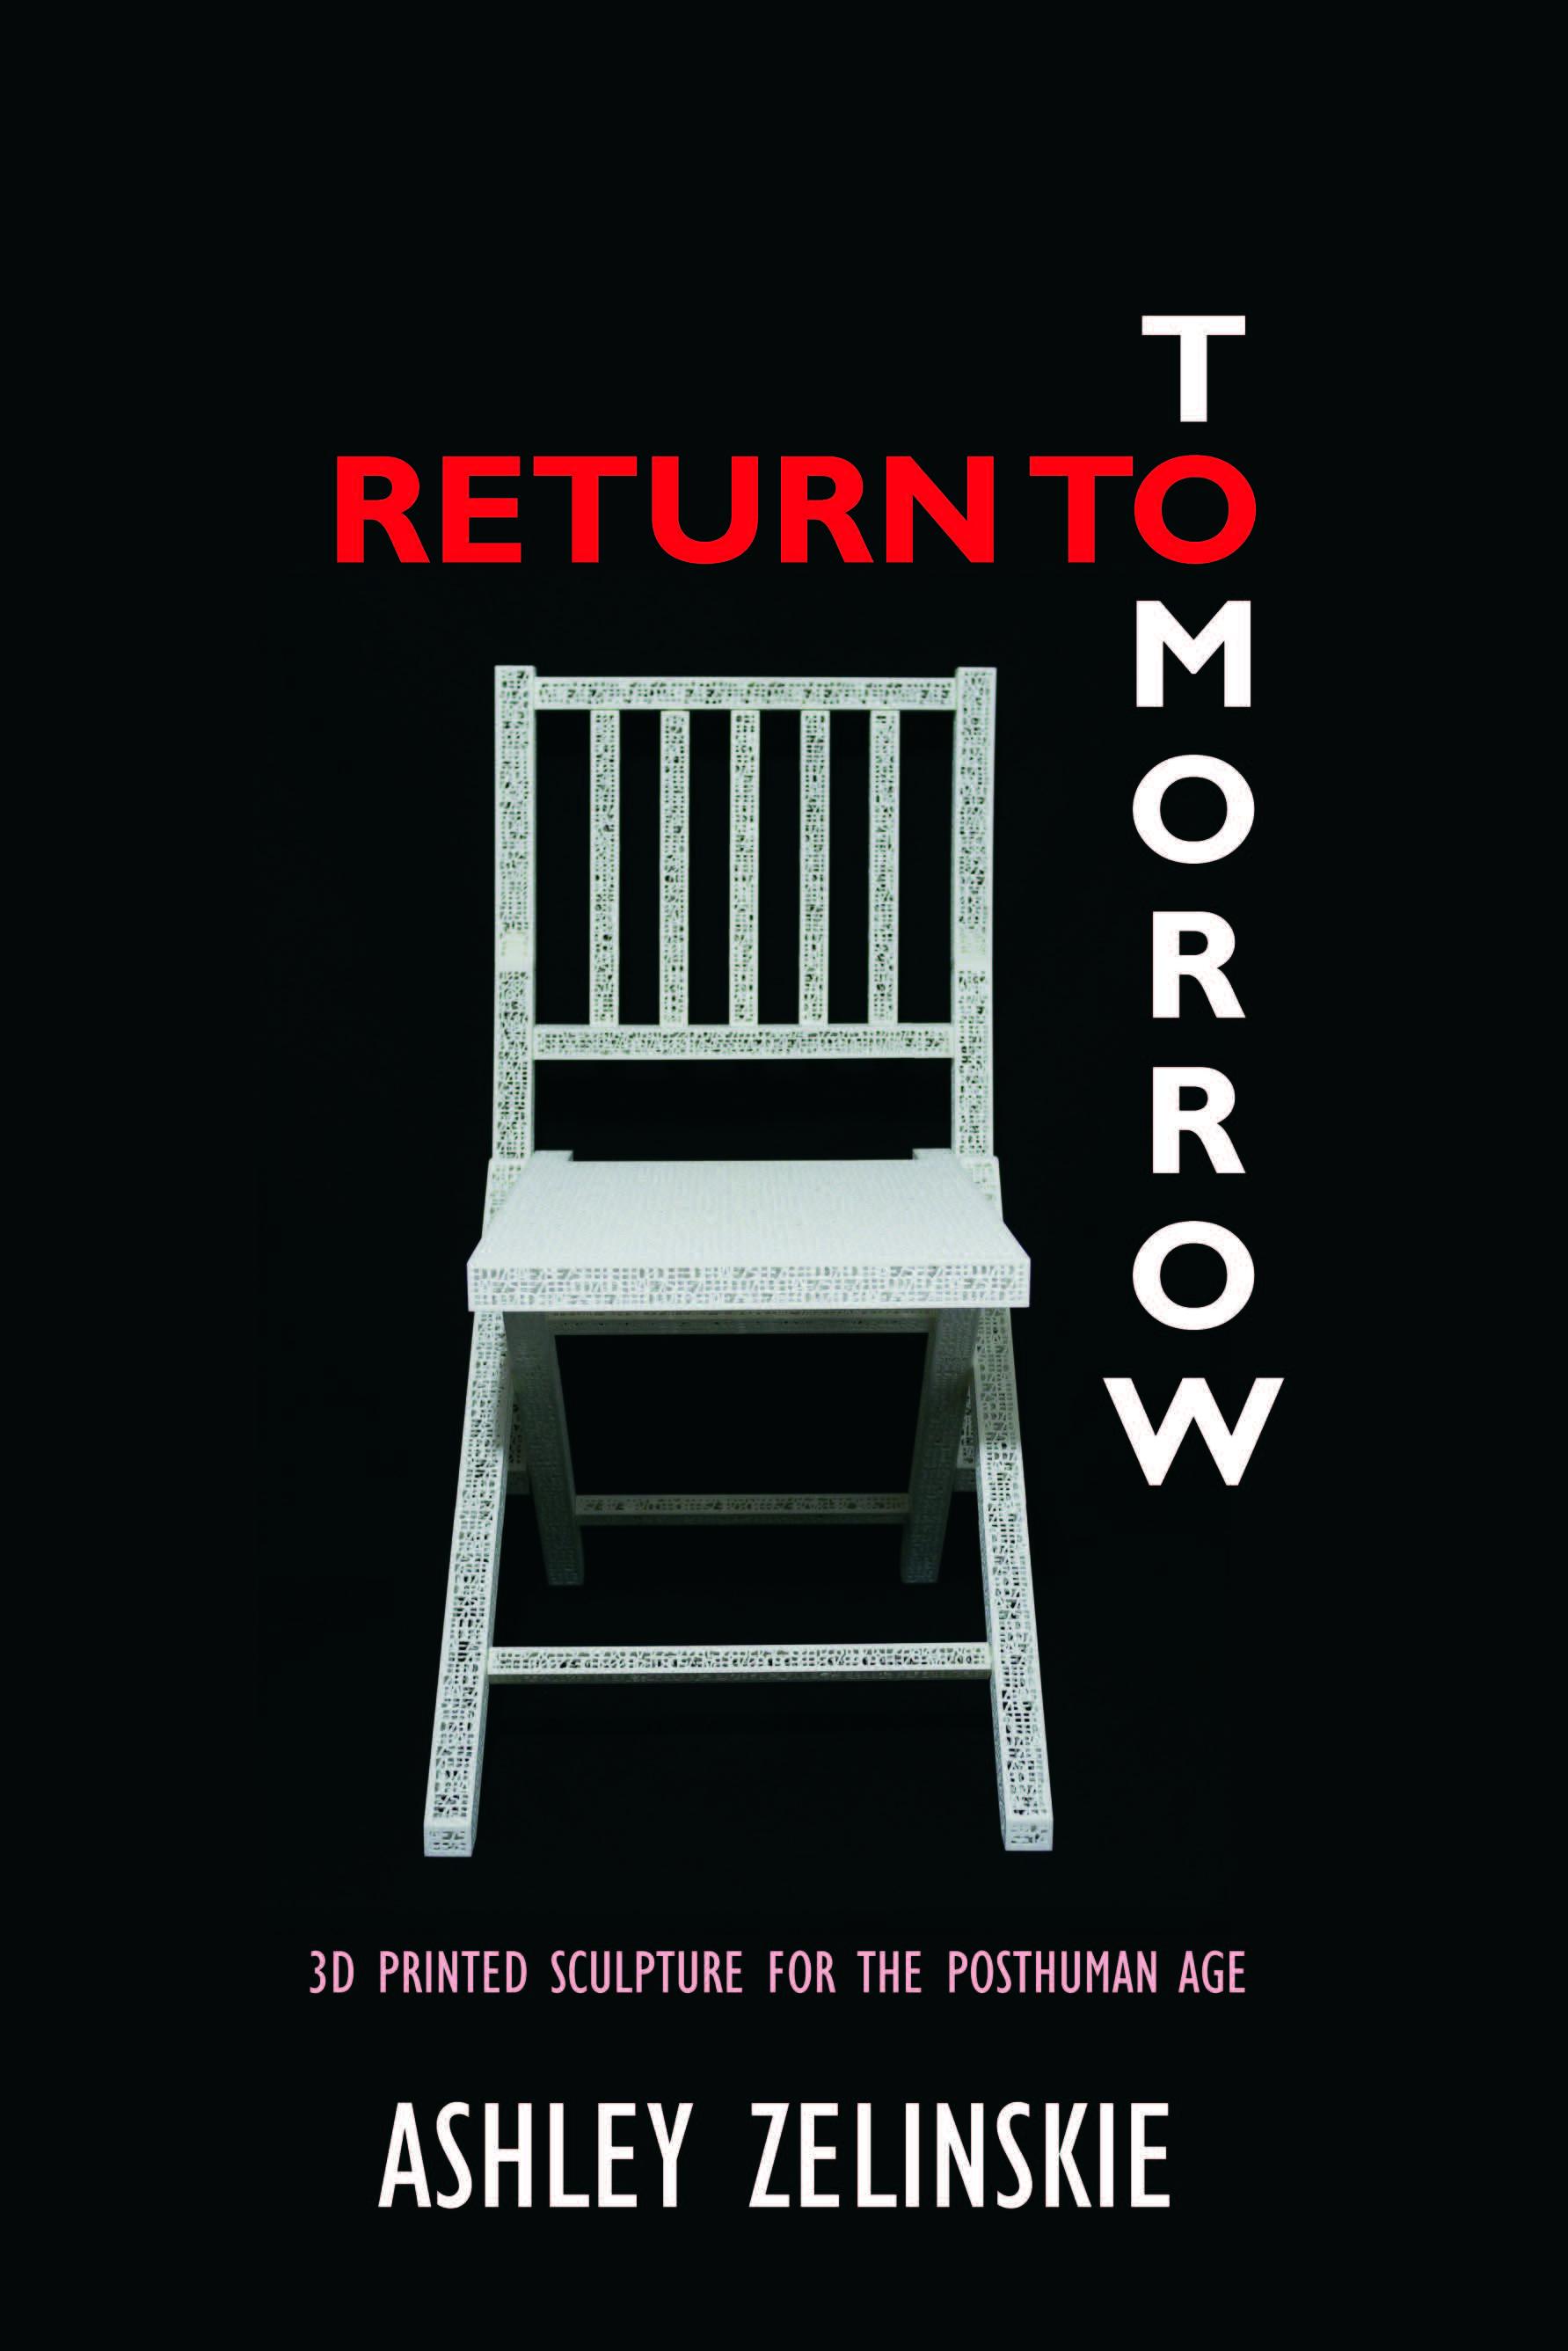 Ashley_Zelinskie_Return_to_Tomorrow_Page_01.jpg